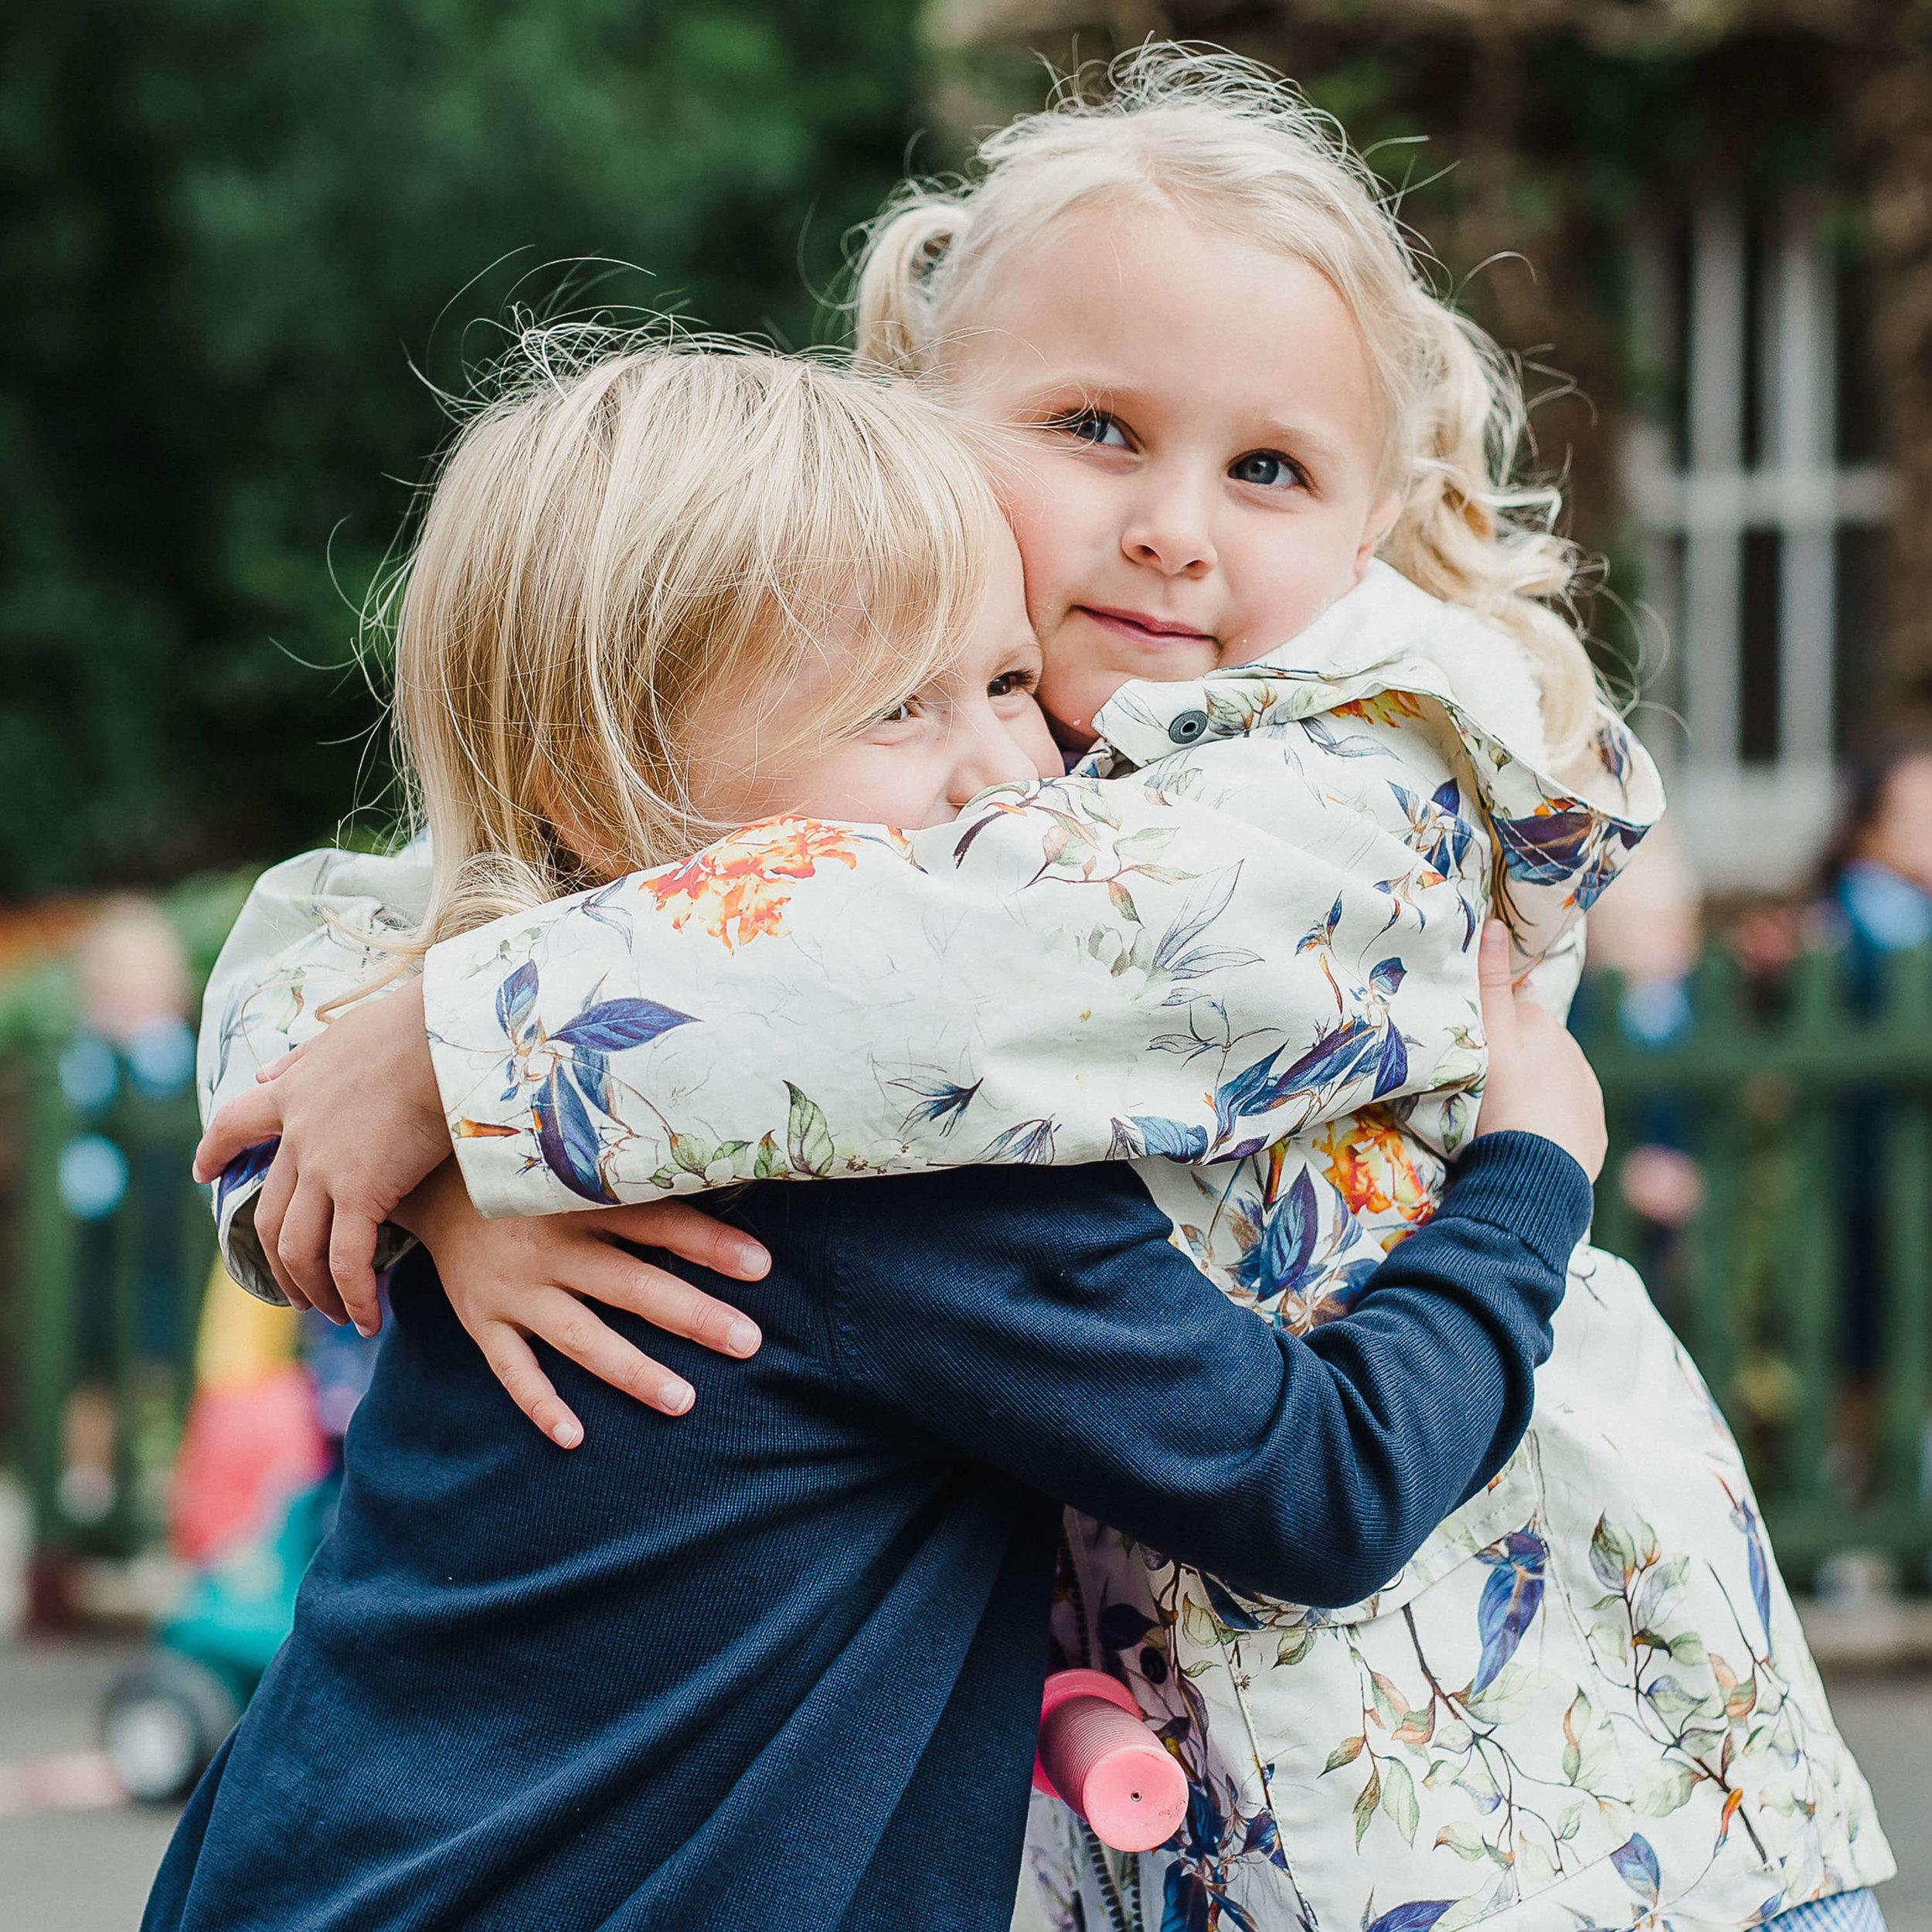 Hessle-Mount-History-Girls-hugging.jpg